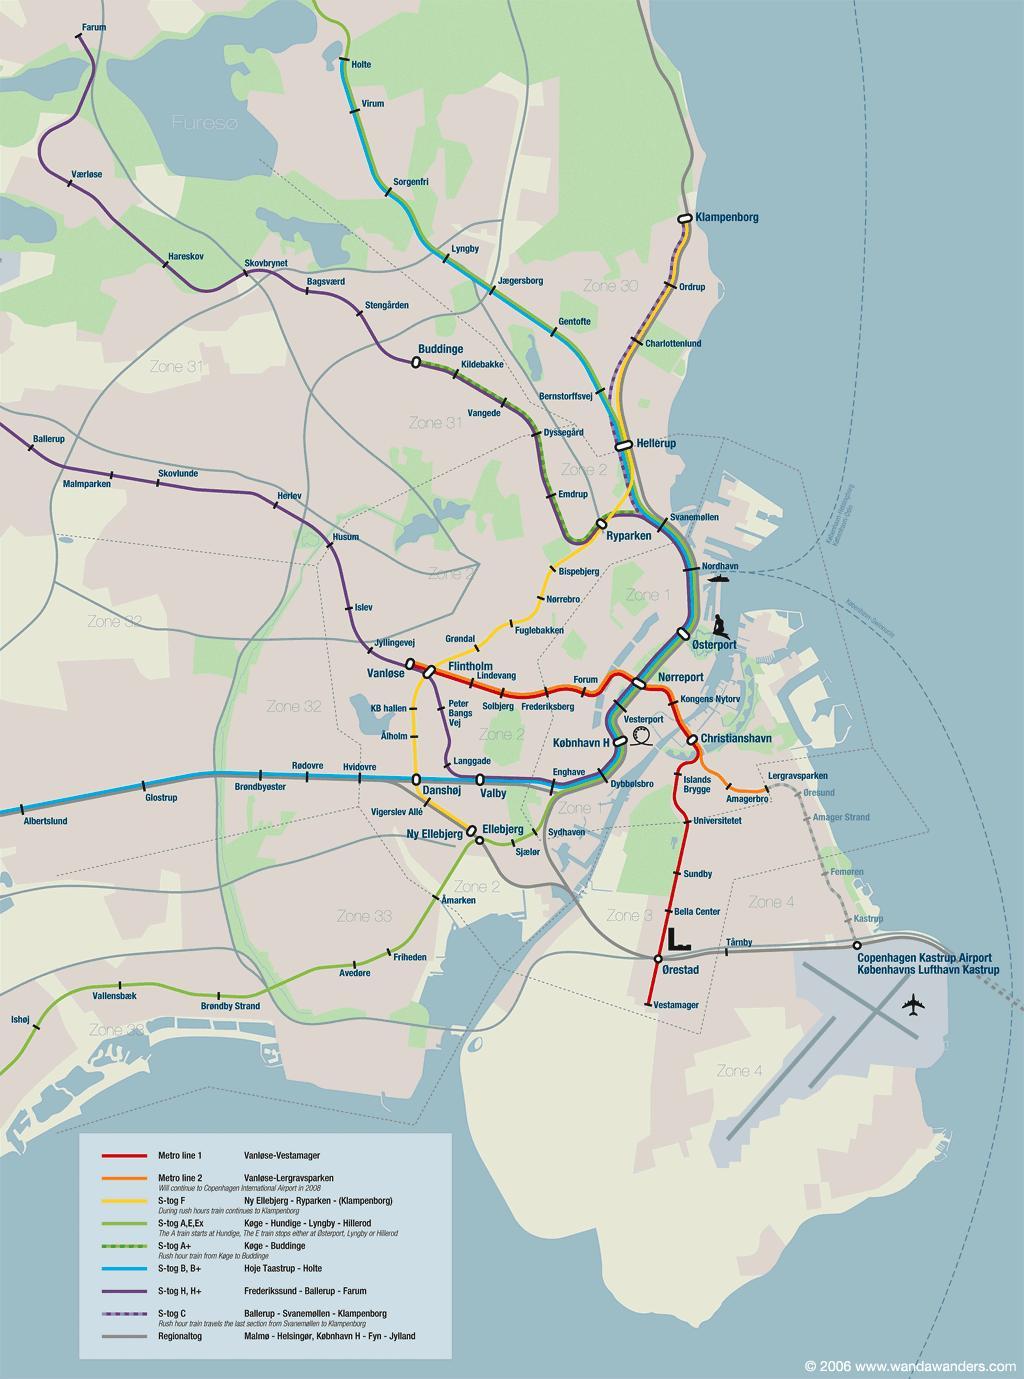 Mapa Turistico De Copenhague.Mapa De Copenhague Plano Y Callejero De Copenhague 101viajes